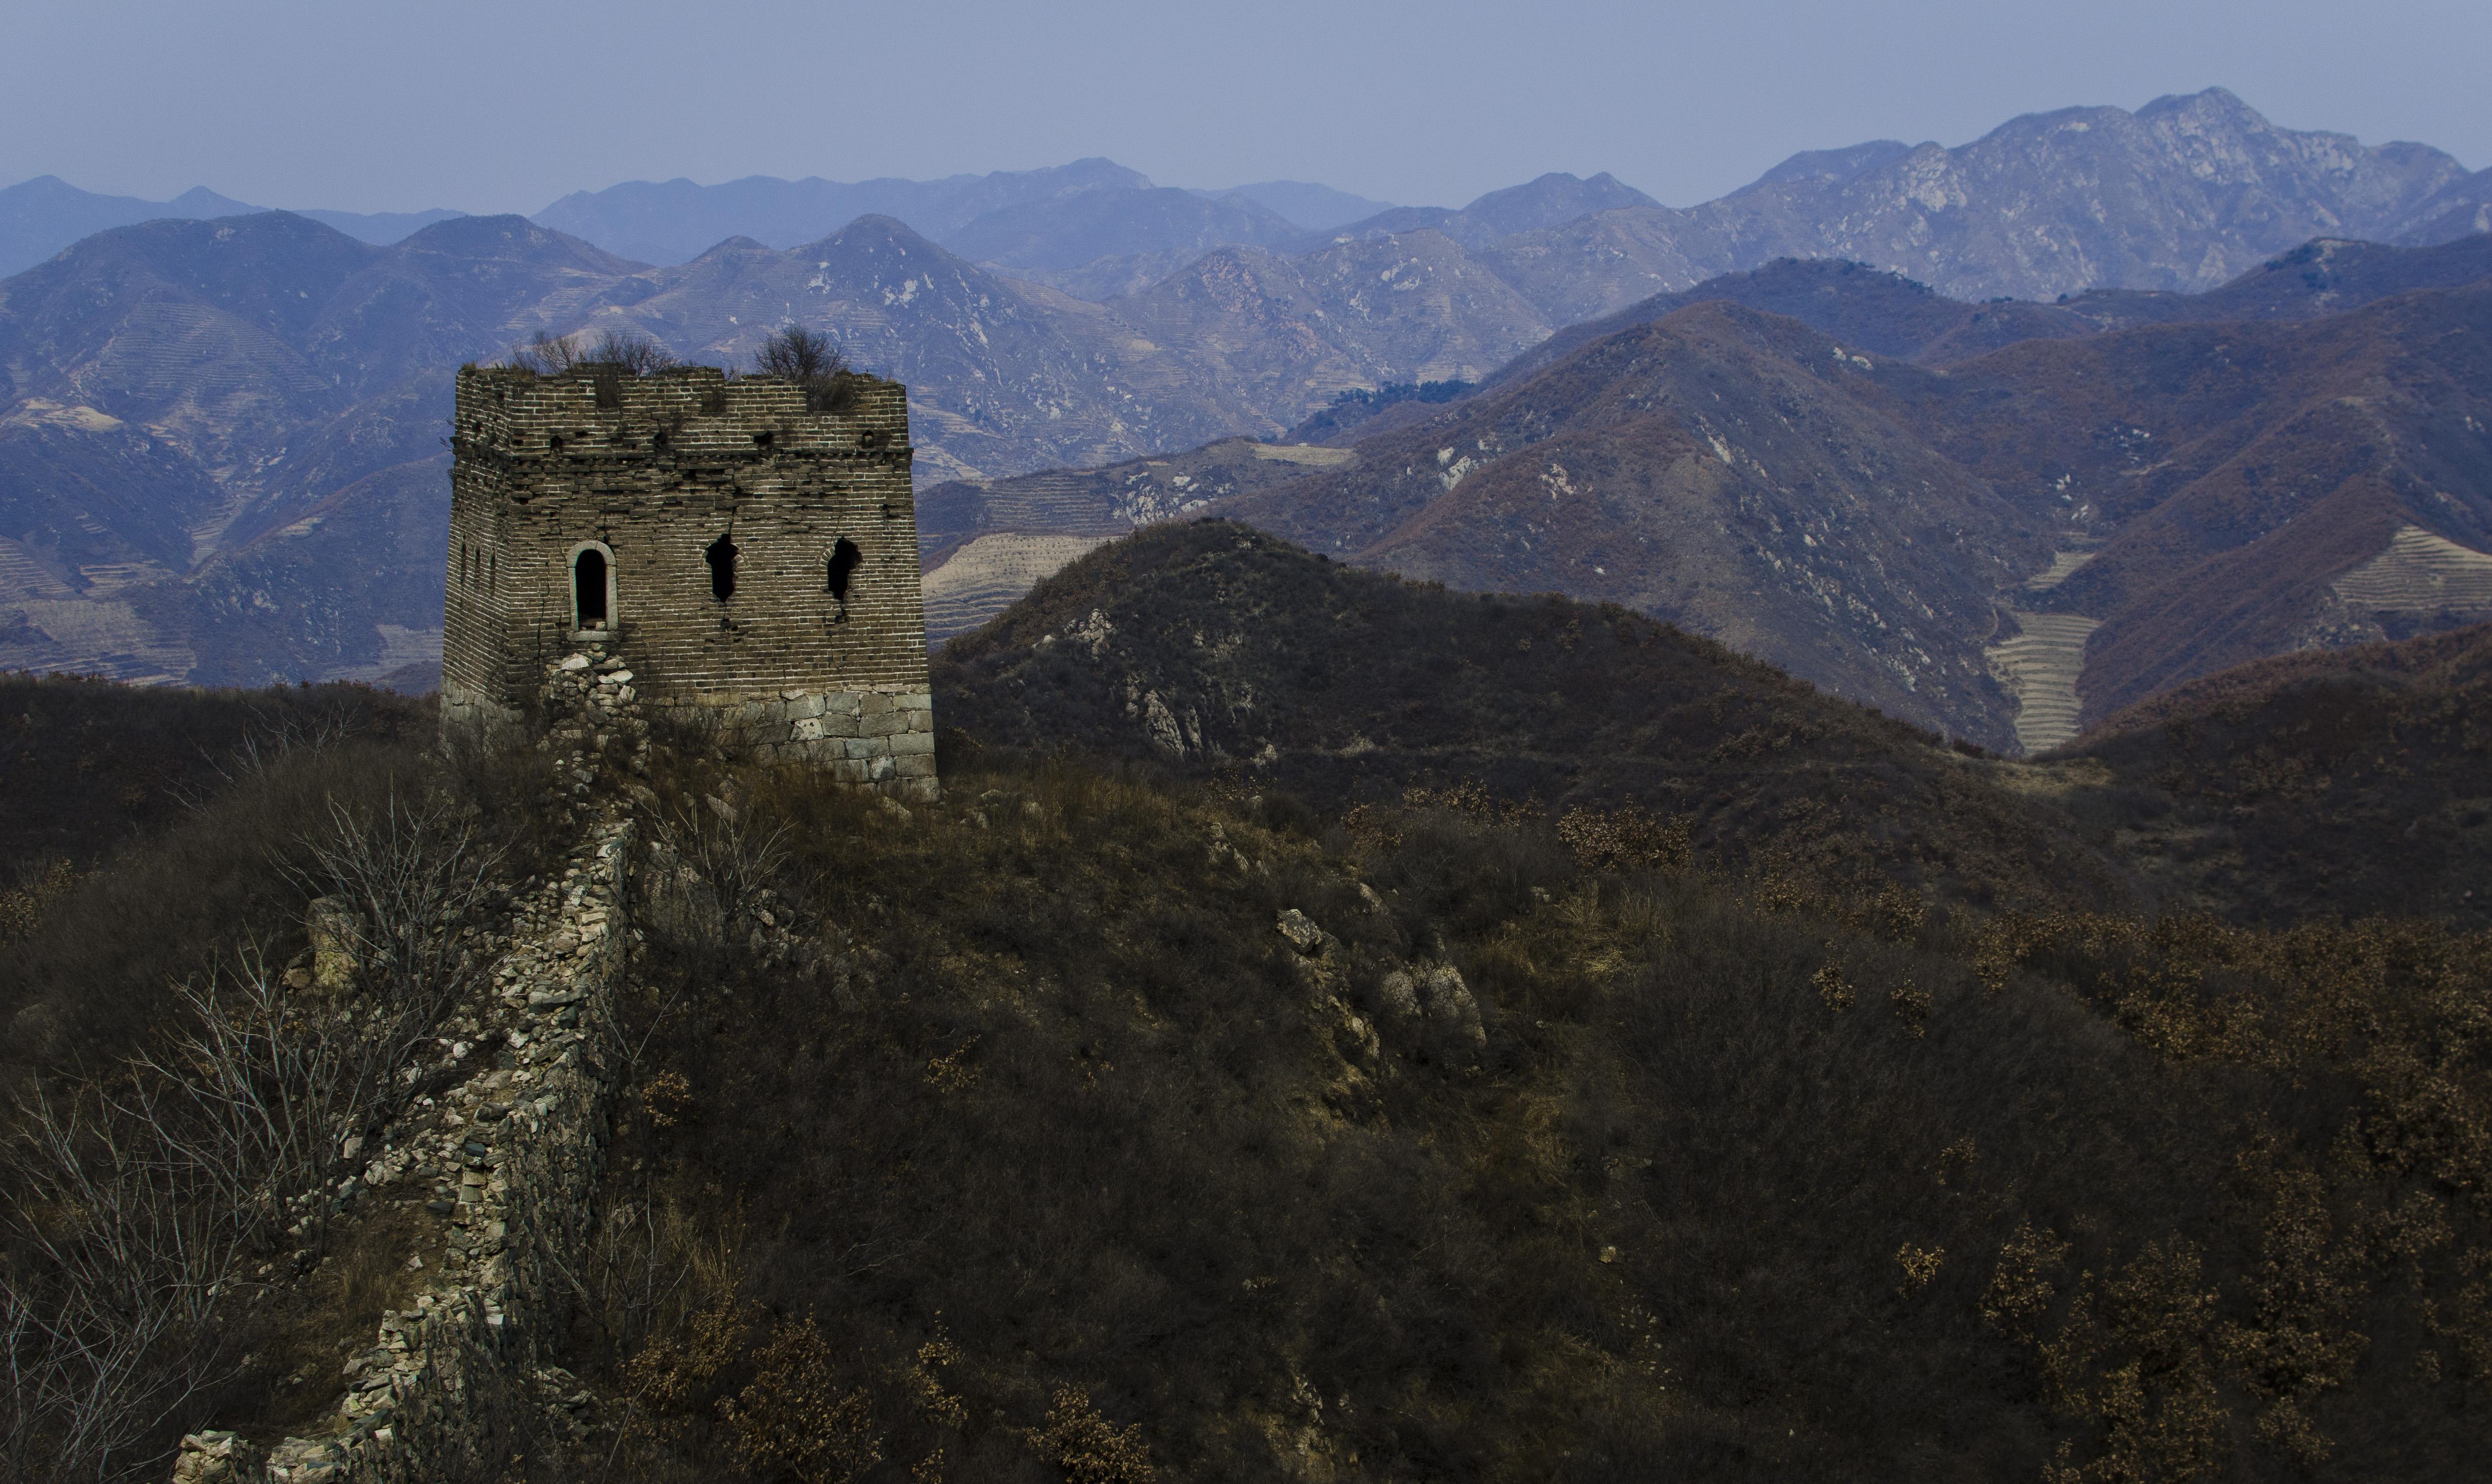 秦皇岛抚宁,箭杆岭一带的长城冬景.